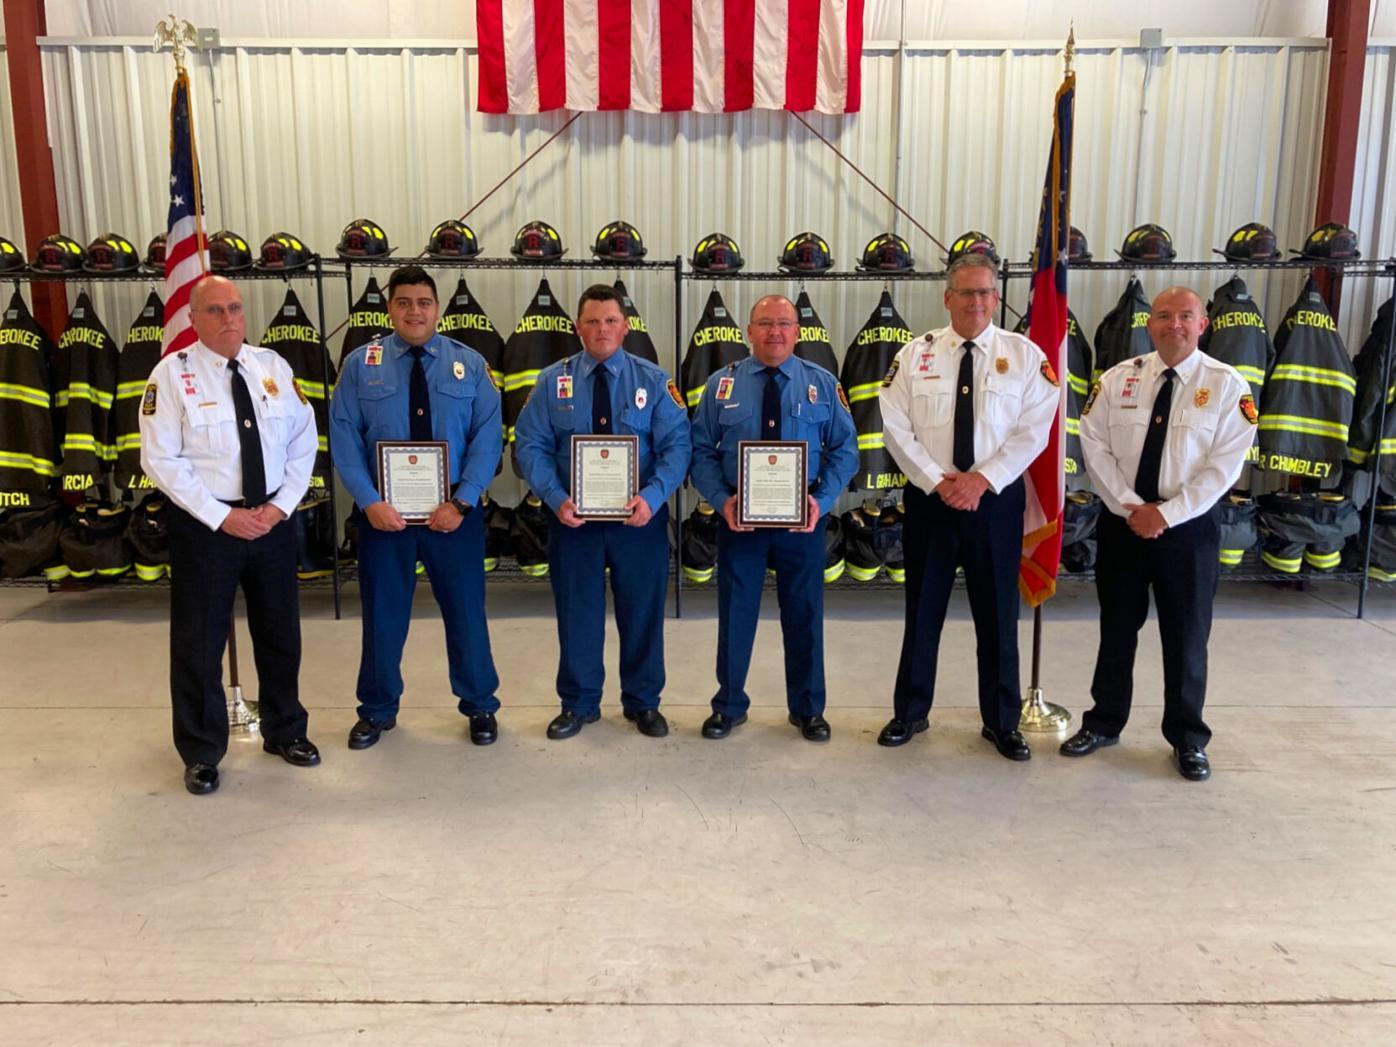 092620_CTN_Firefighters 1.jpg